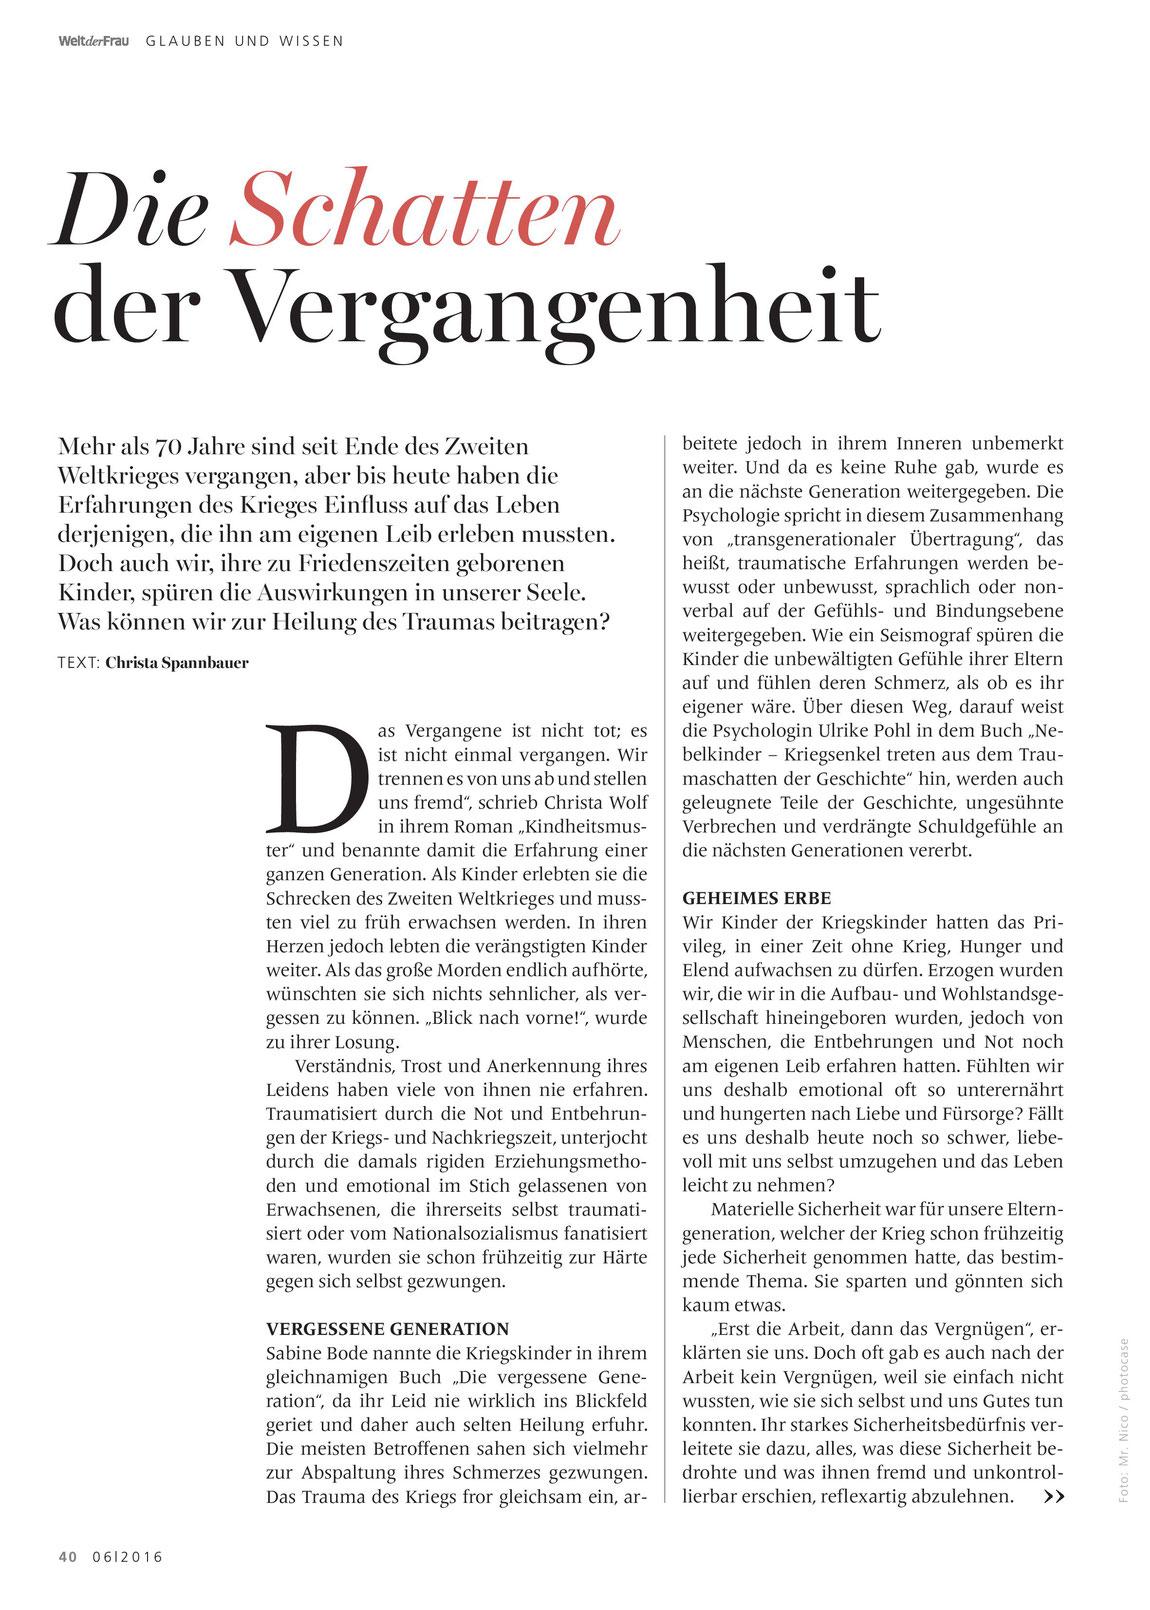 Der Artikel von Christa Spannbauer beleuchtet die Traumaspuren des 2. Weltkriegs in unserem Leben heute